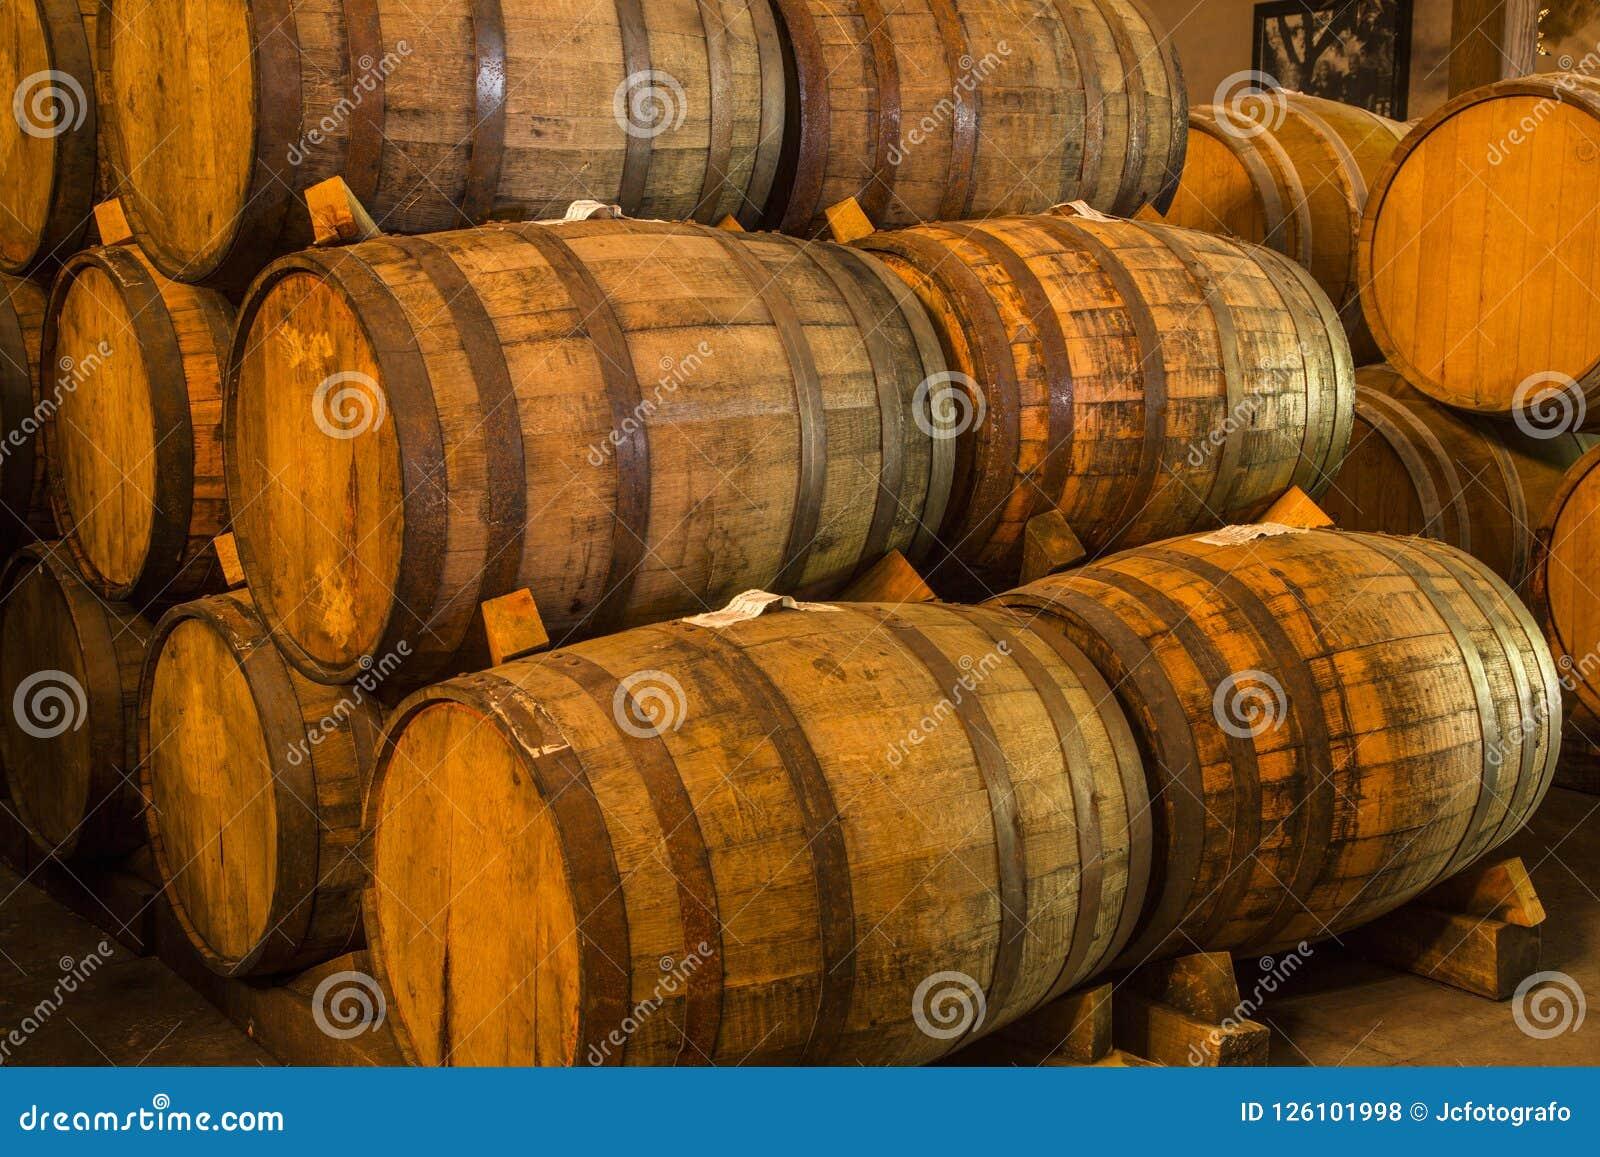 堆葡萄酒桶